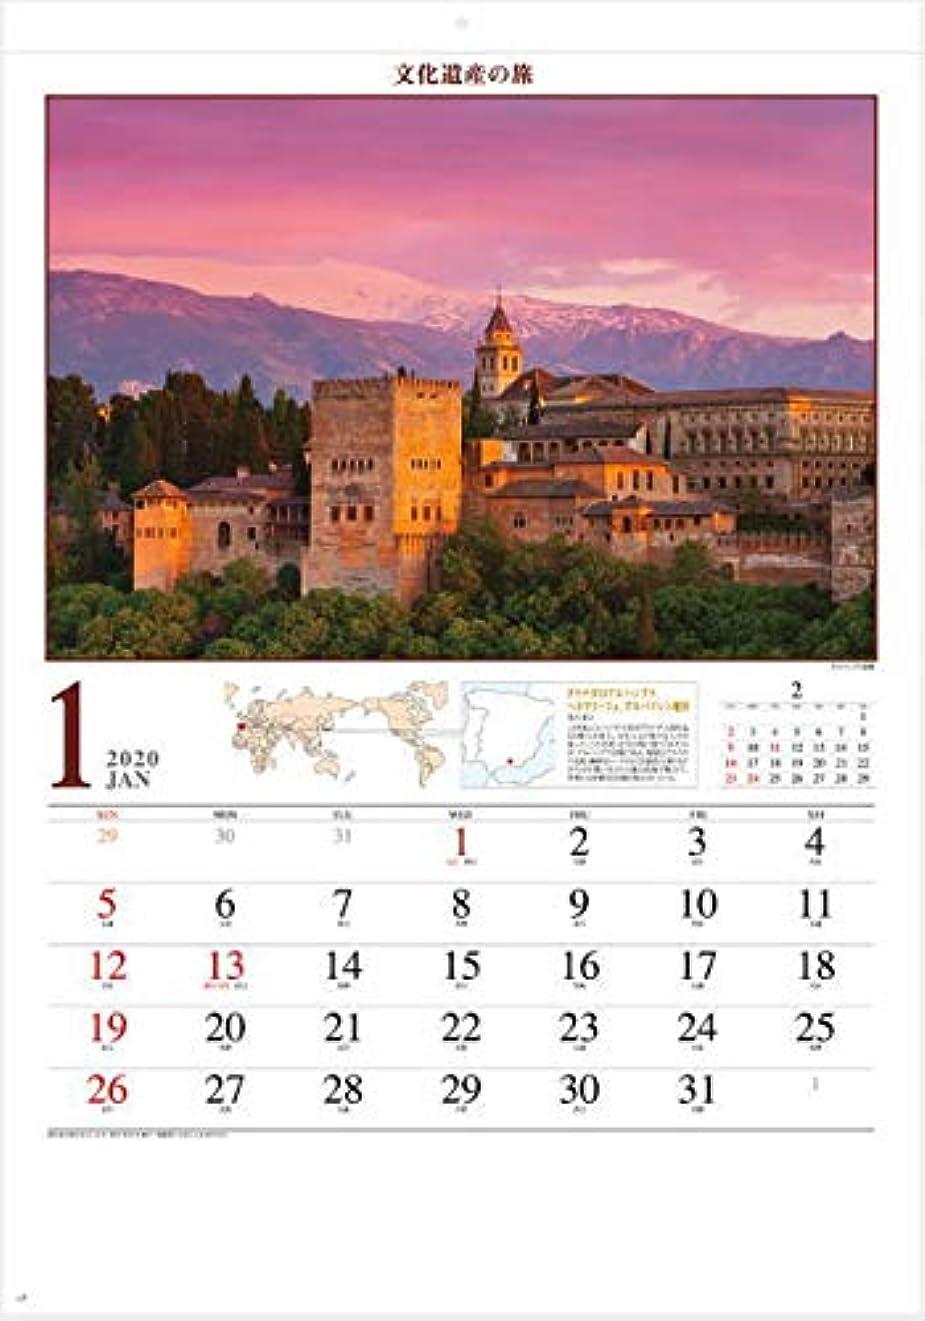 粒モディッシュアヒルユネスコ世界遺産文化遺産の旅 カレンダー 2020年12ヵ月タイプ 壁掛け